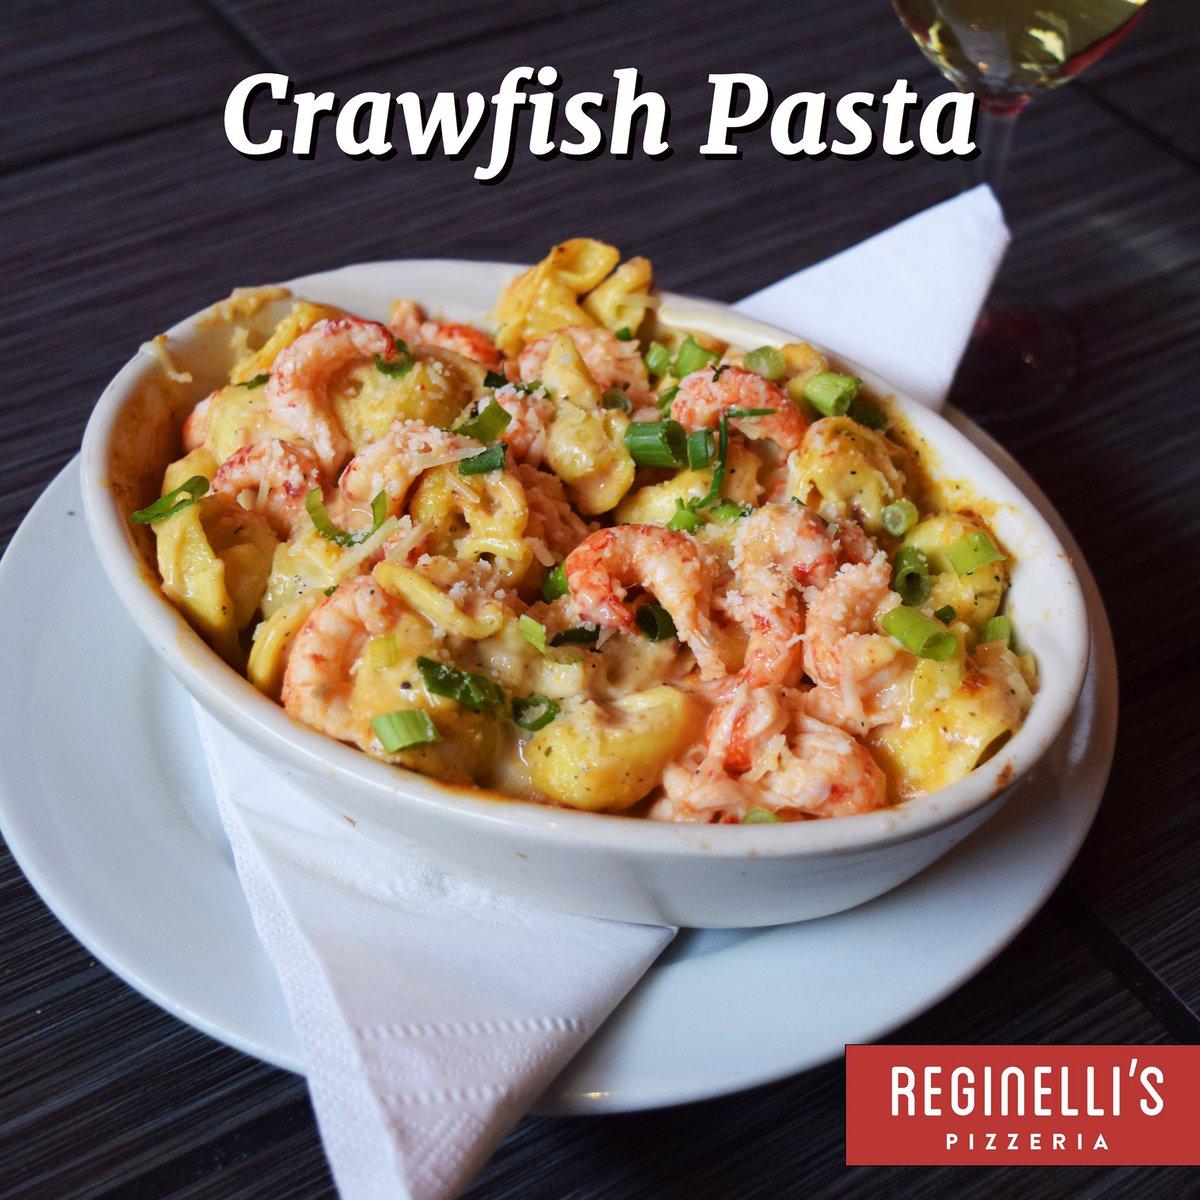 crawfish cream sauce pasta